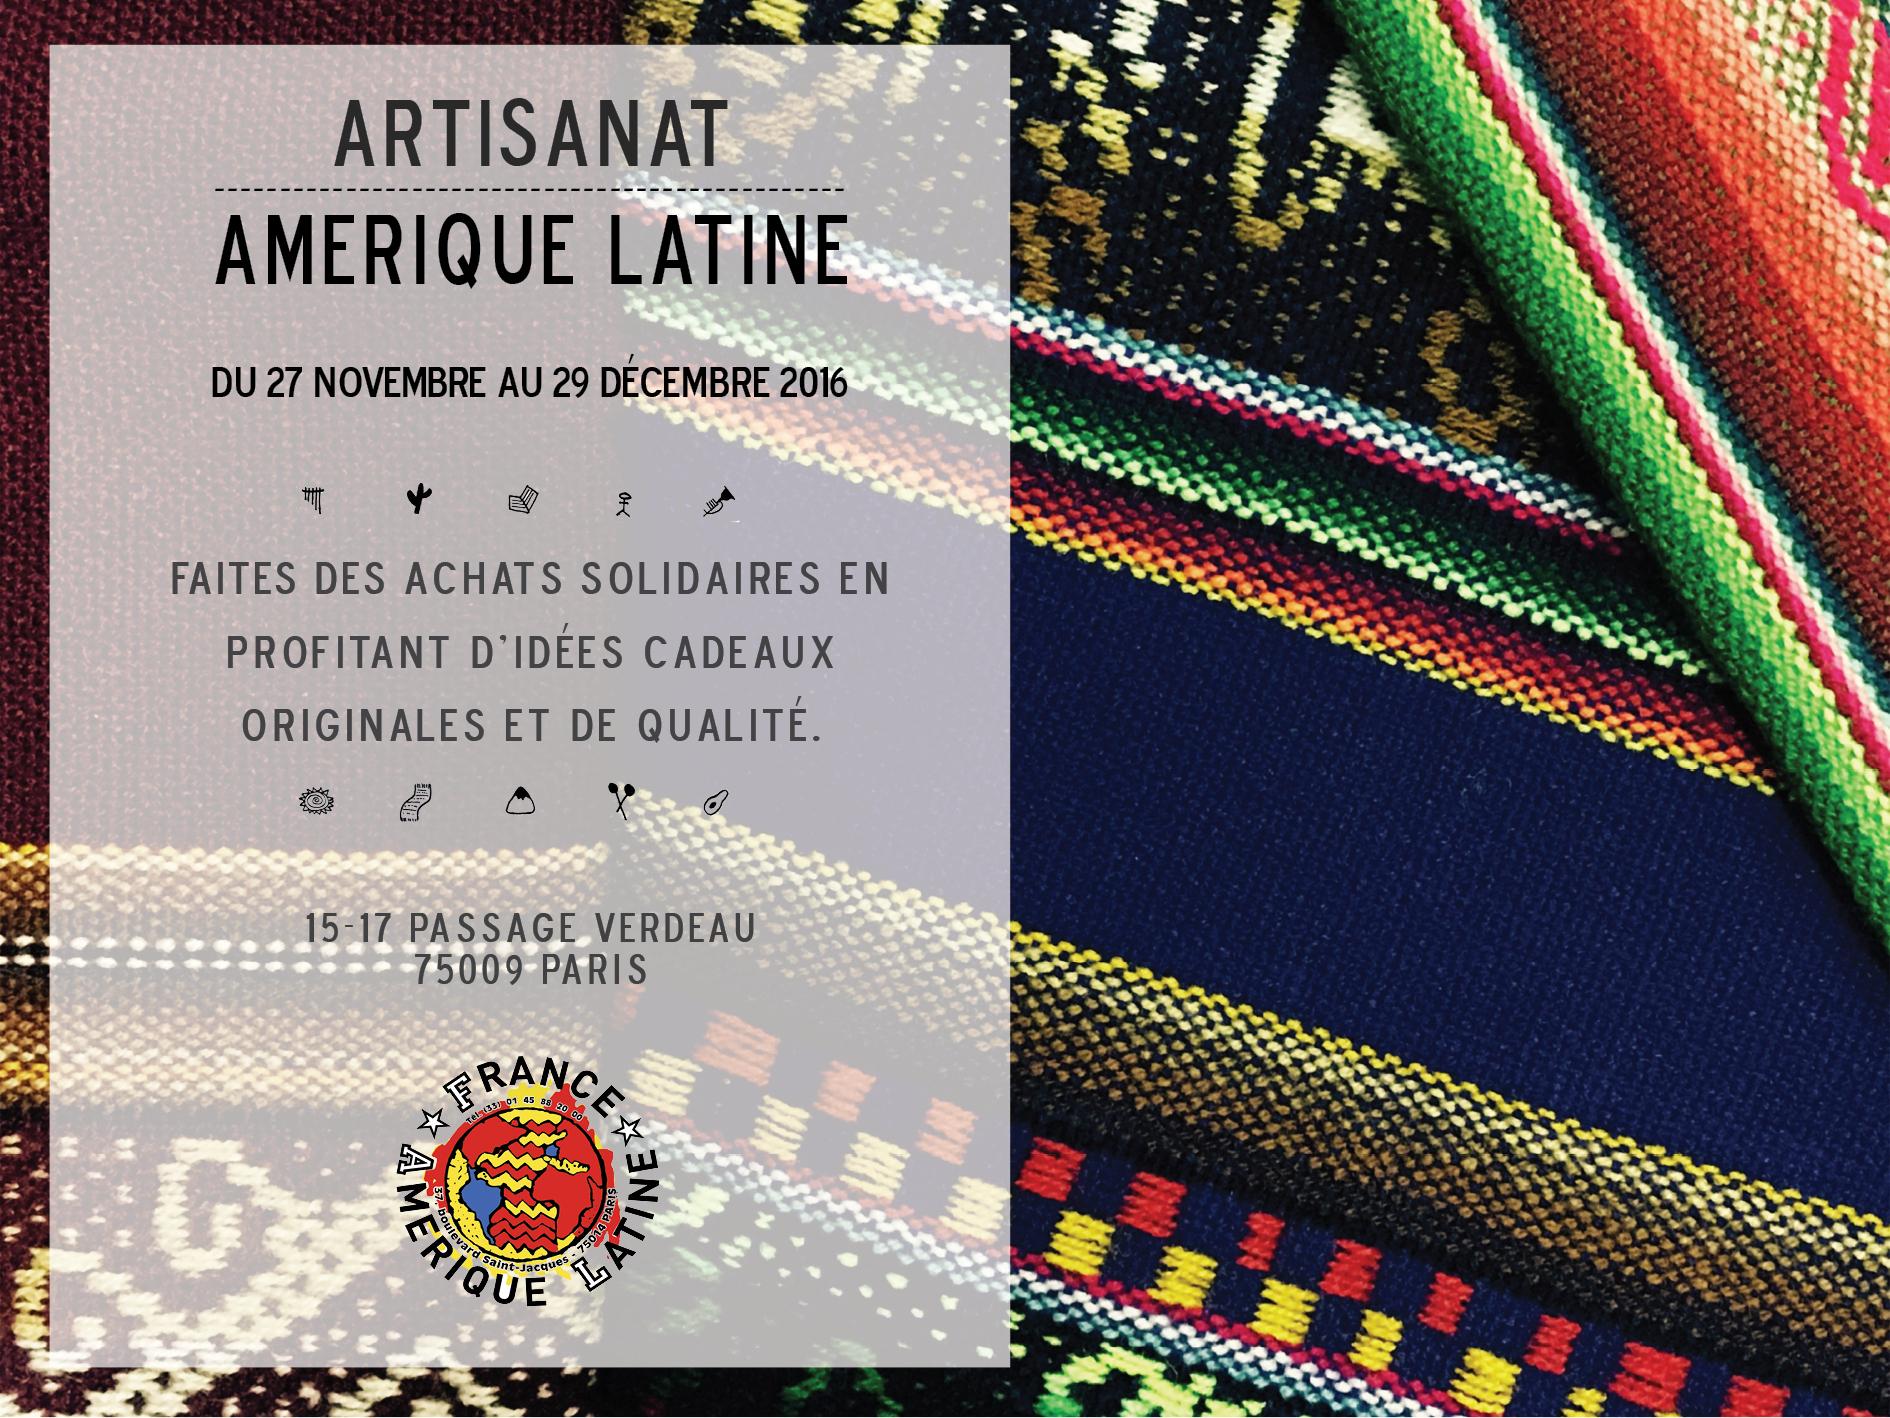 Vente d'Artisanat Solidaire @ Passage Verdeau | Paris | Île-de-France | France